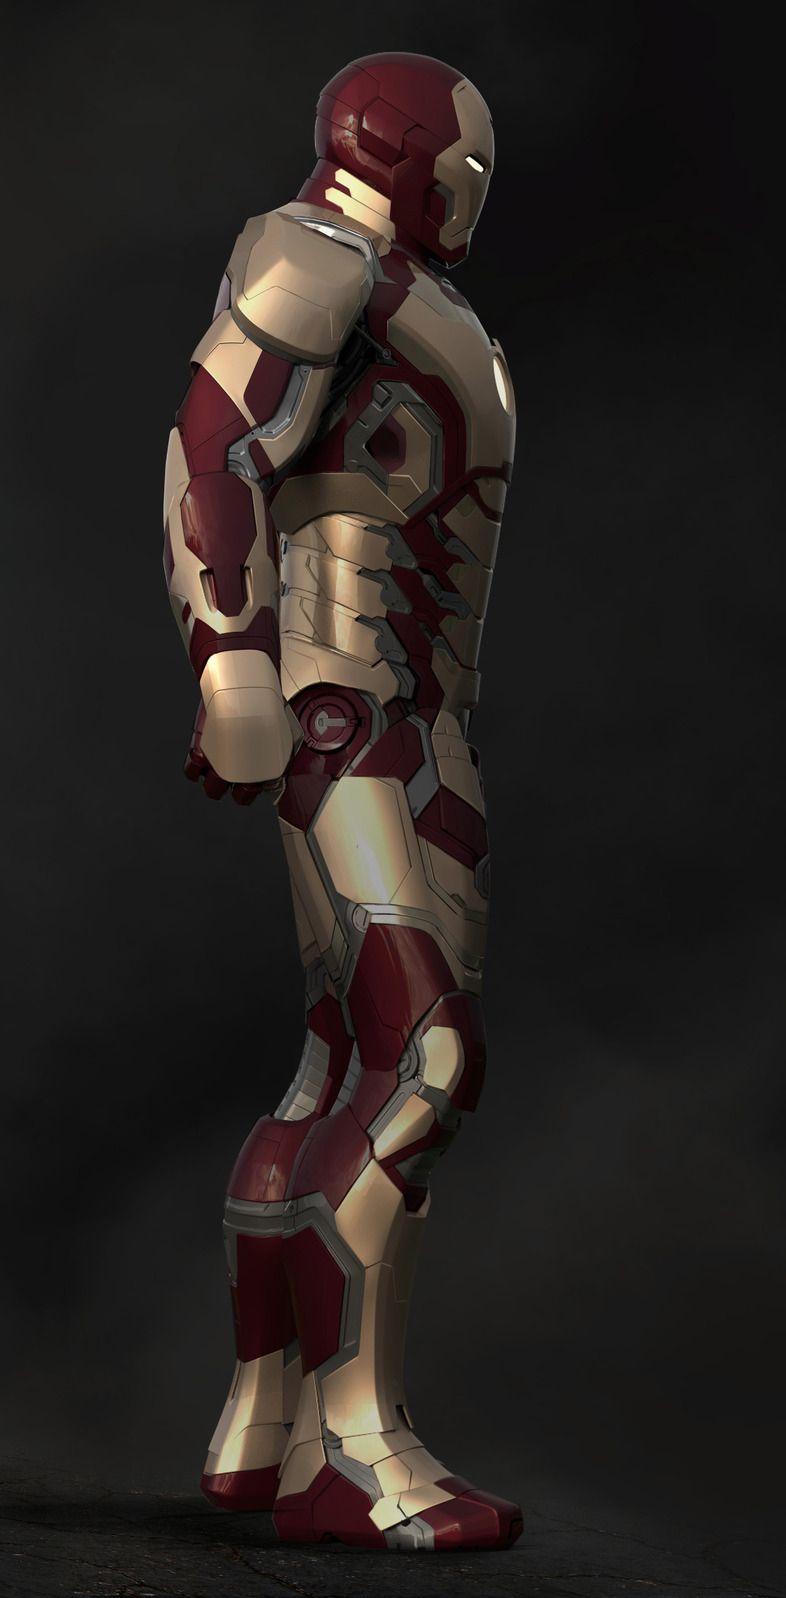 Iron Man - Mark 42